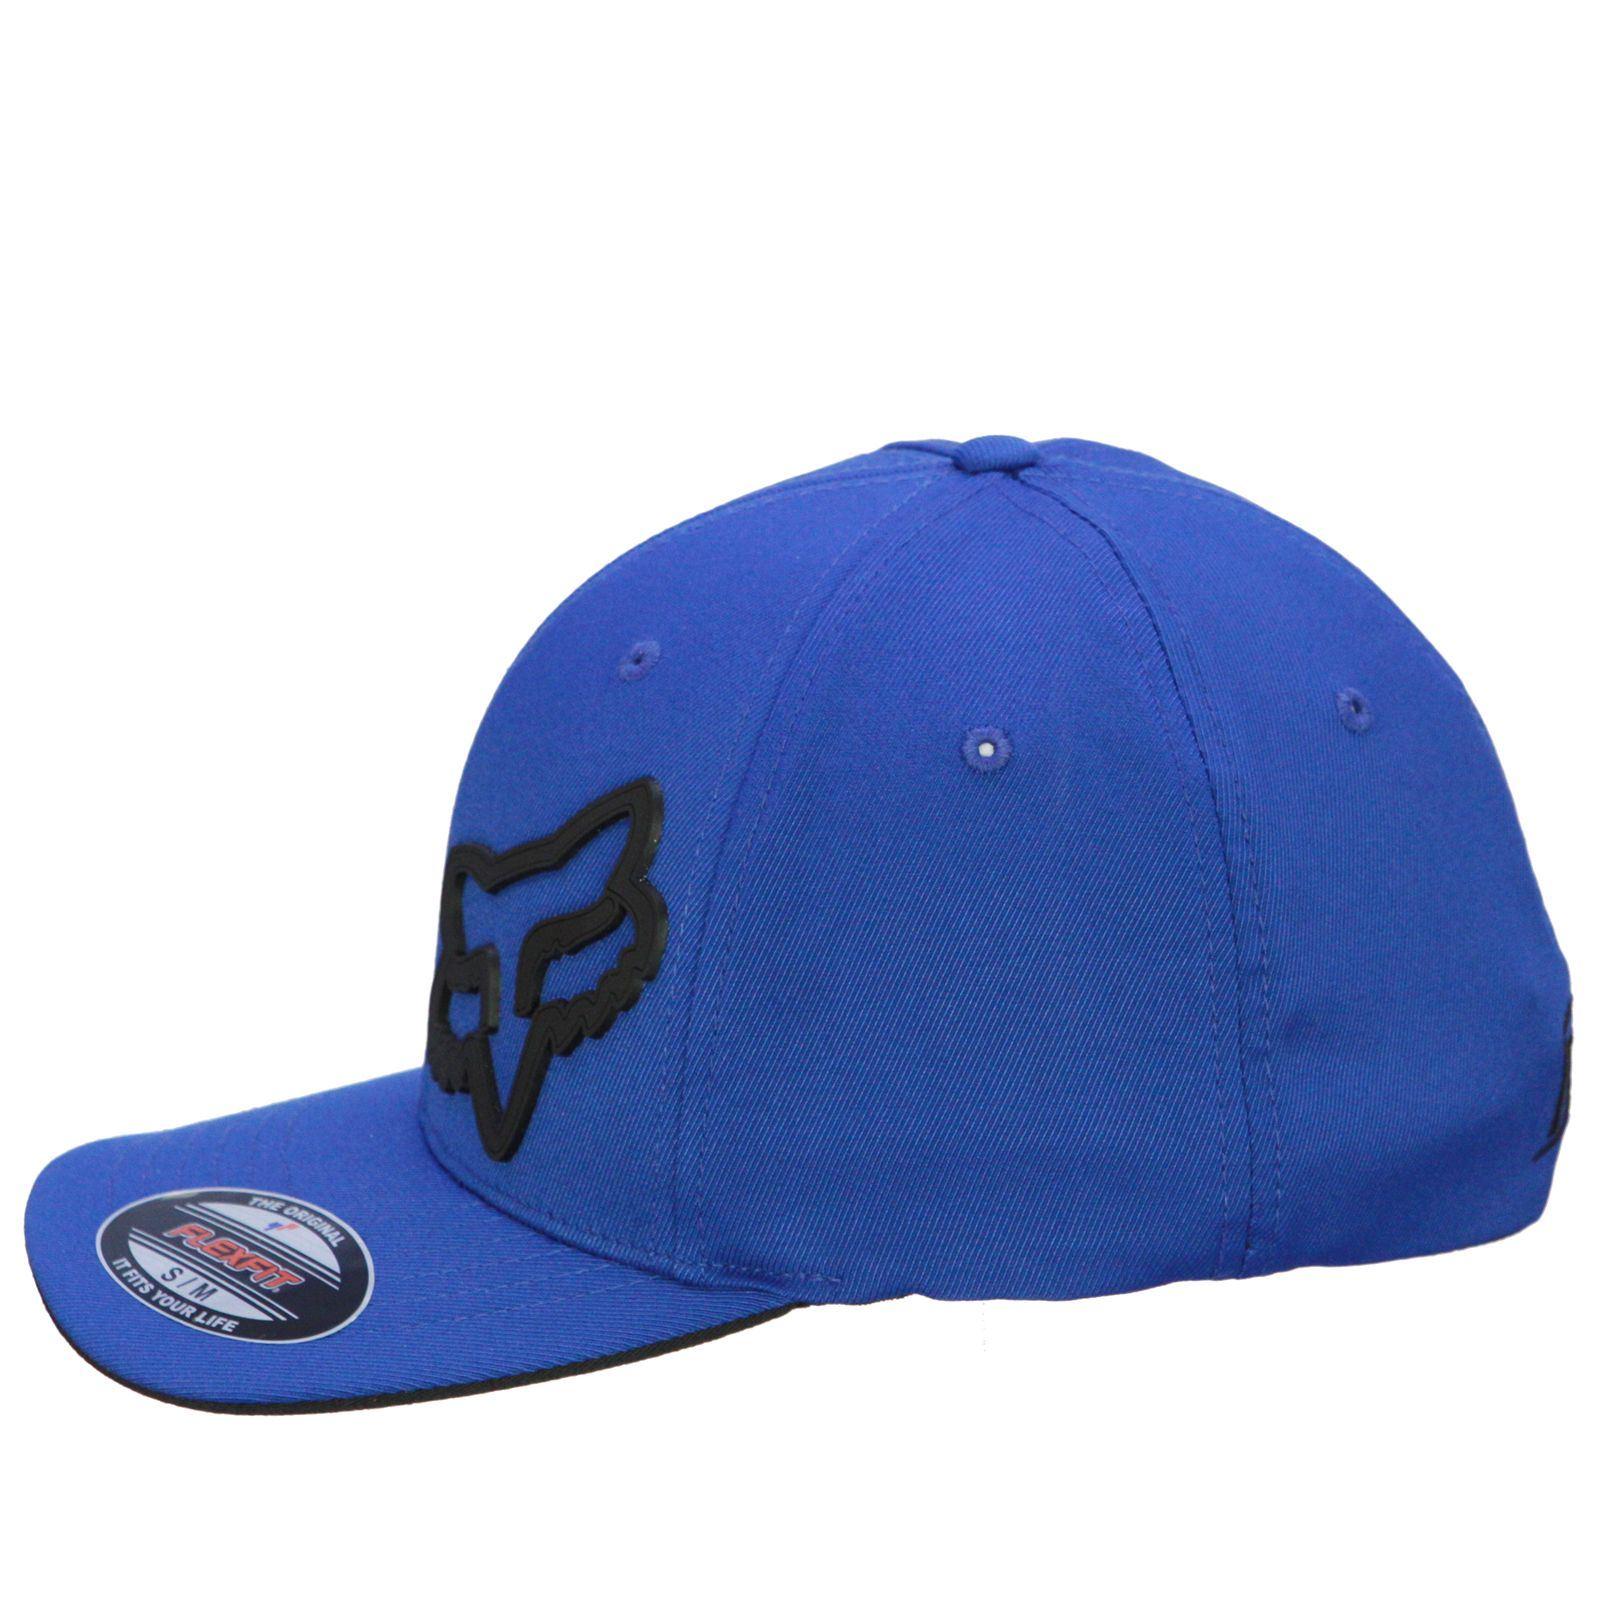 Fox-Medium-Curve-Flexfit-Cap-Signature-Blue